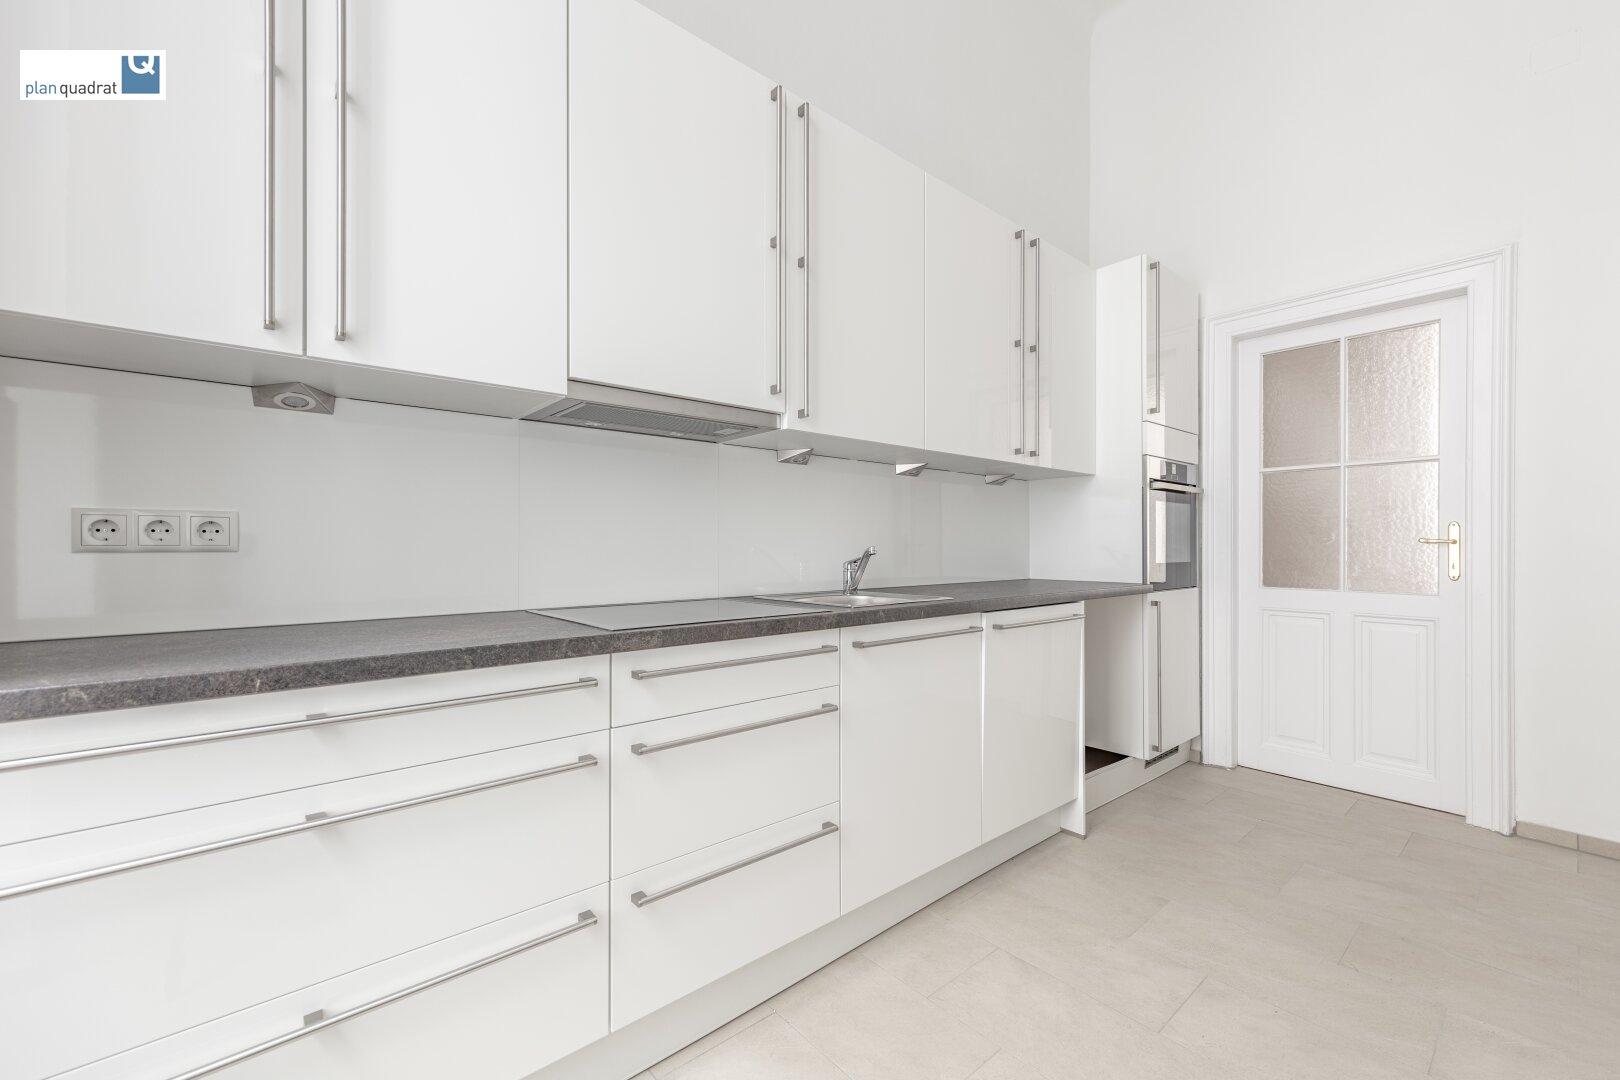 Küche (ca. 9,20 m²) mit neuer Ausstattung